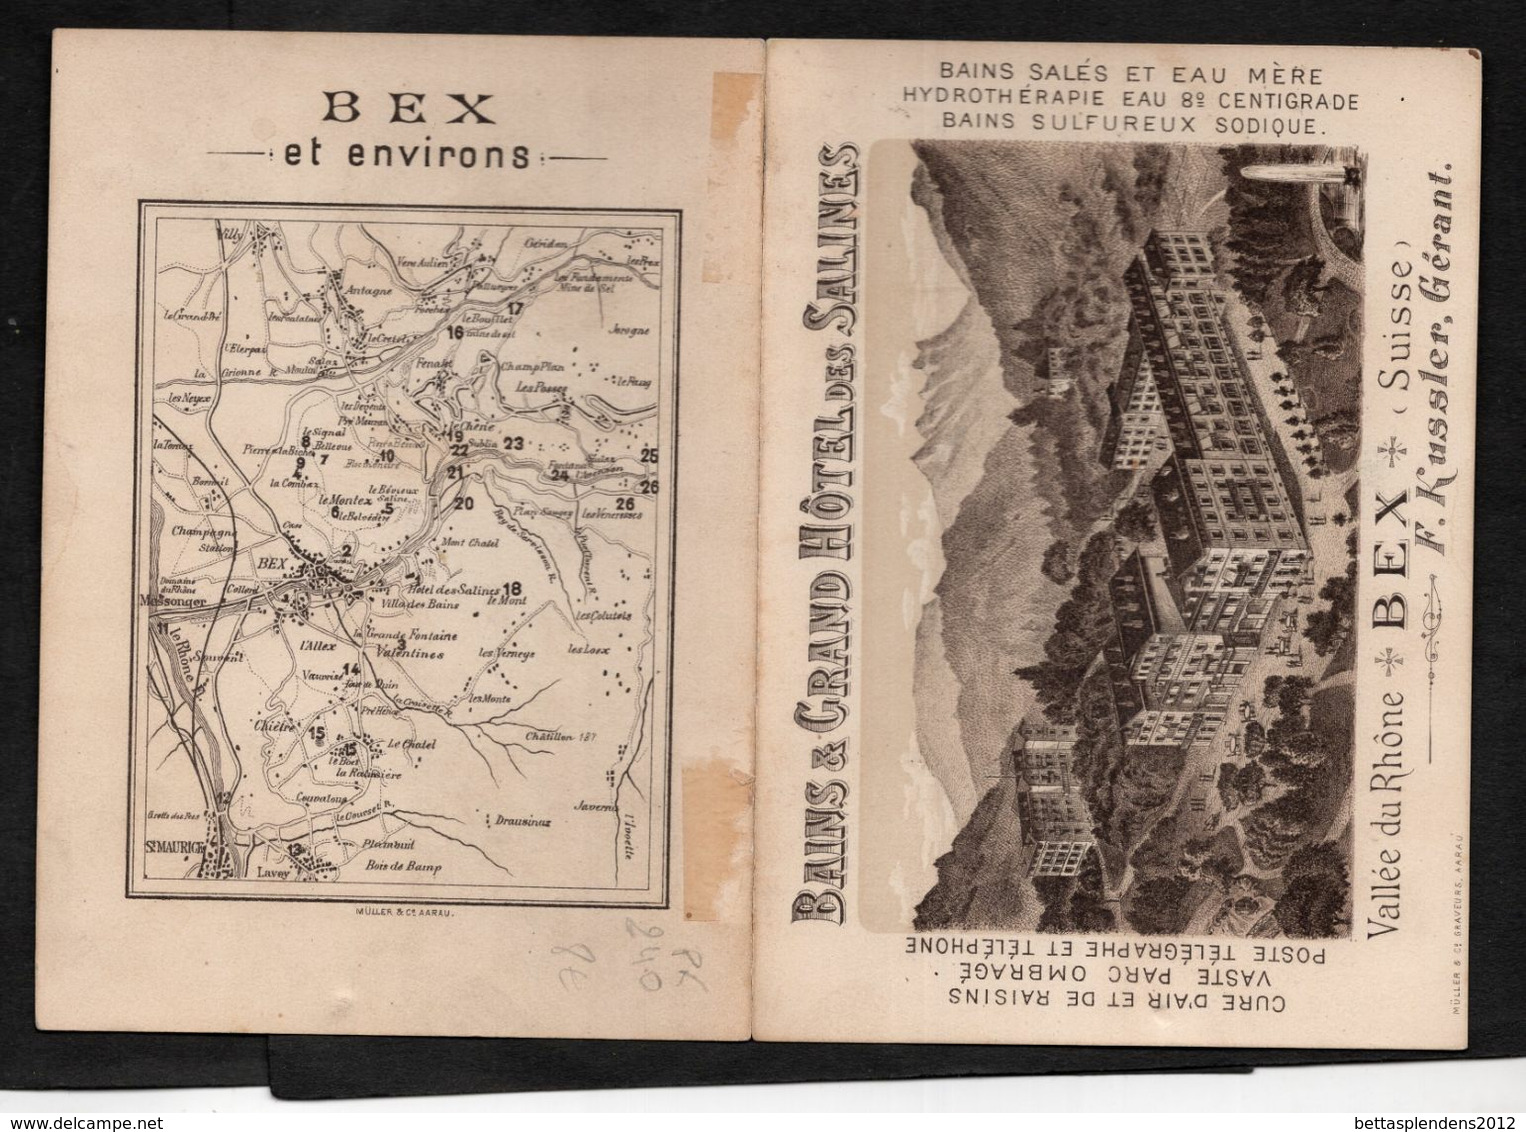 BEX (Suisse) - BAINS & GRAND HOTEL Des SALINES - F.KUSSLER Gérant - Liste Des Excursions Et Carte. - Publicités